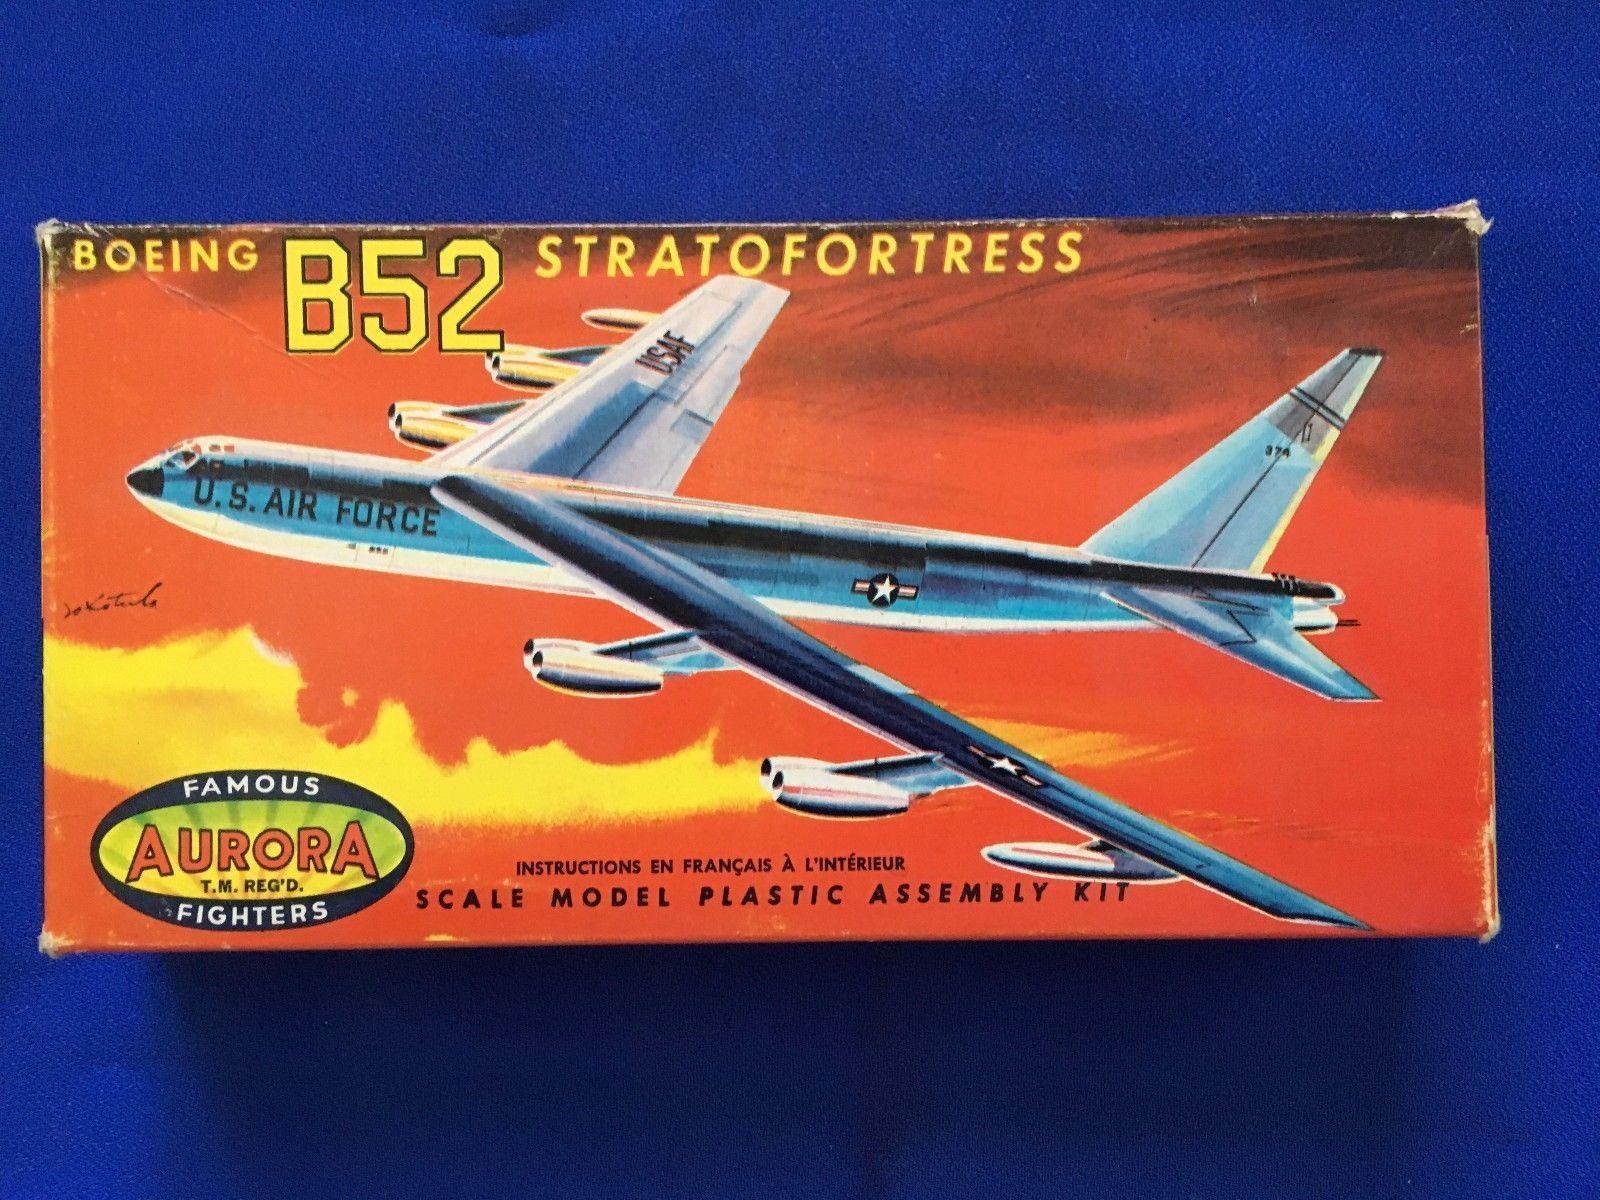 Car Toys Aurora Co: Aurora Boeing B-52 Stratofortress Vintage Model Kit 1960's